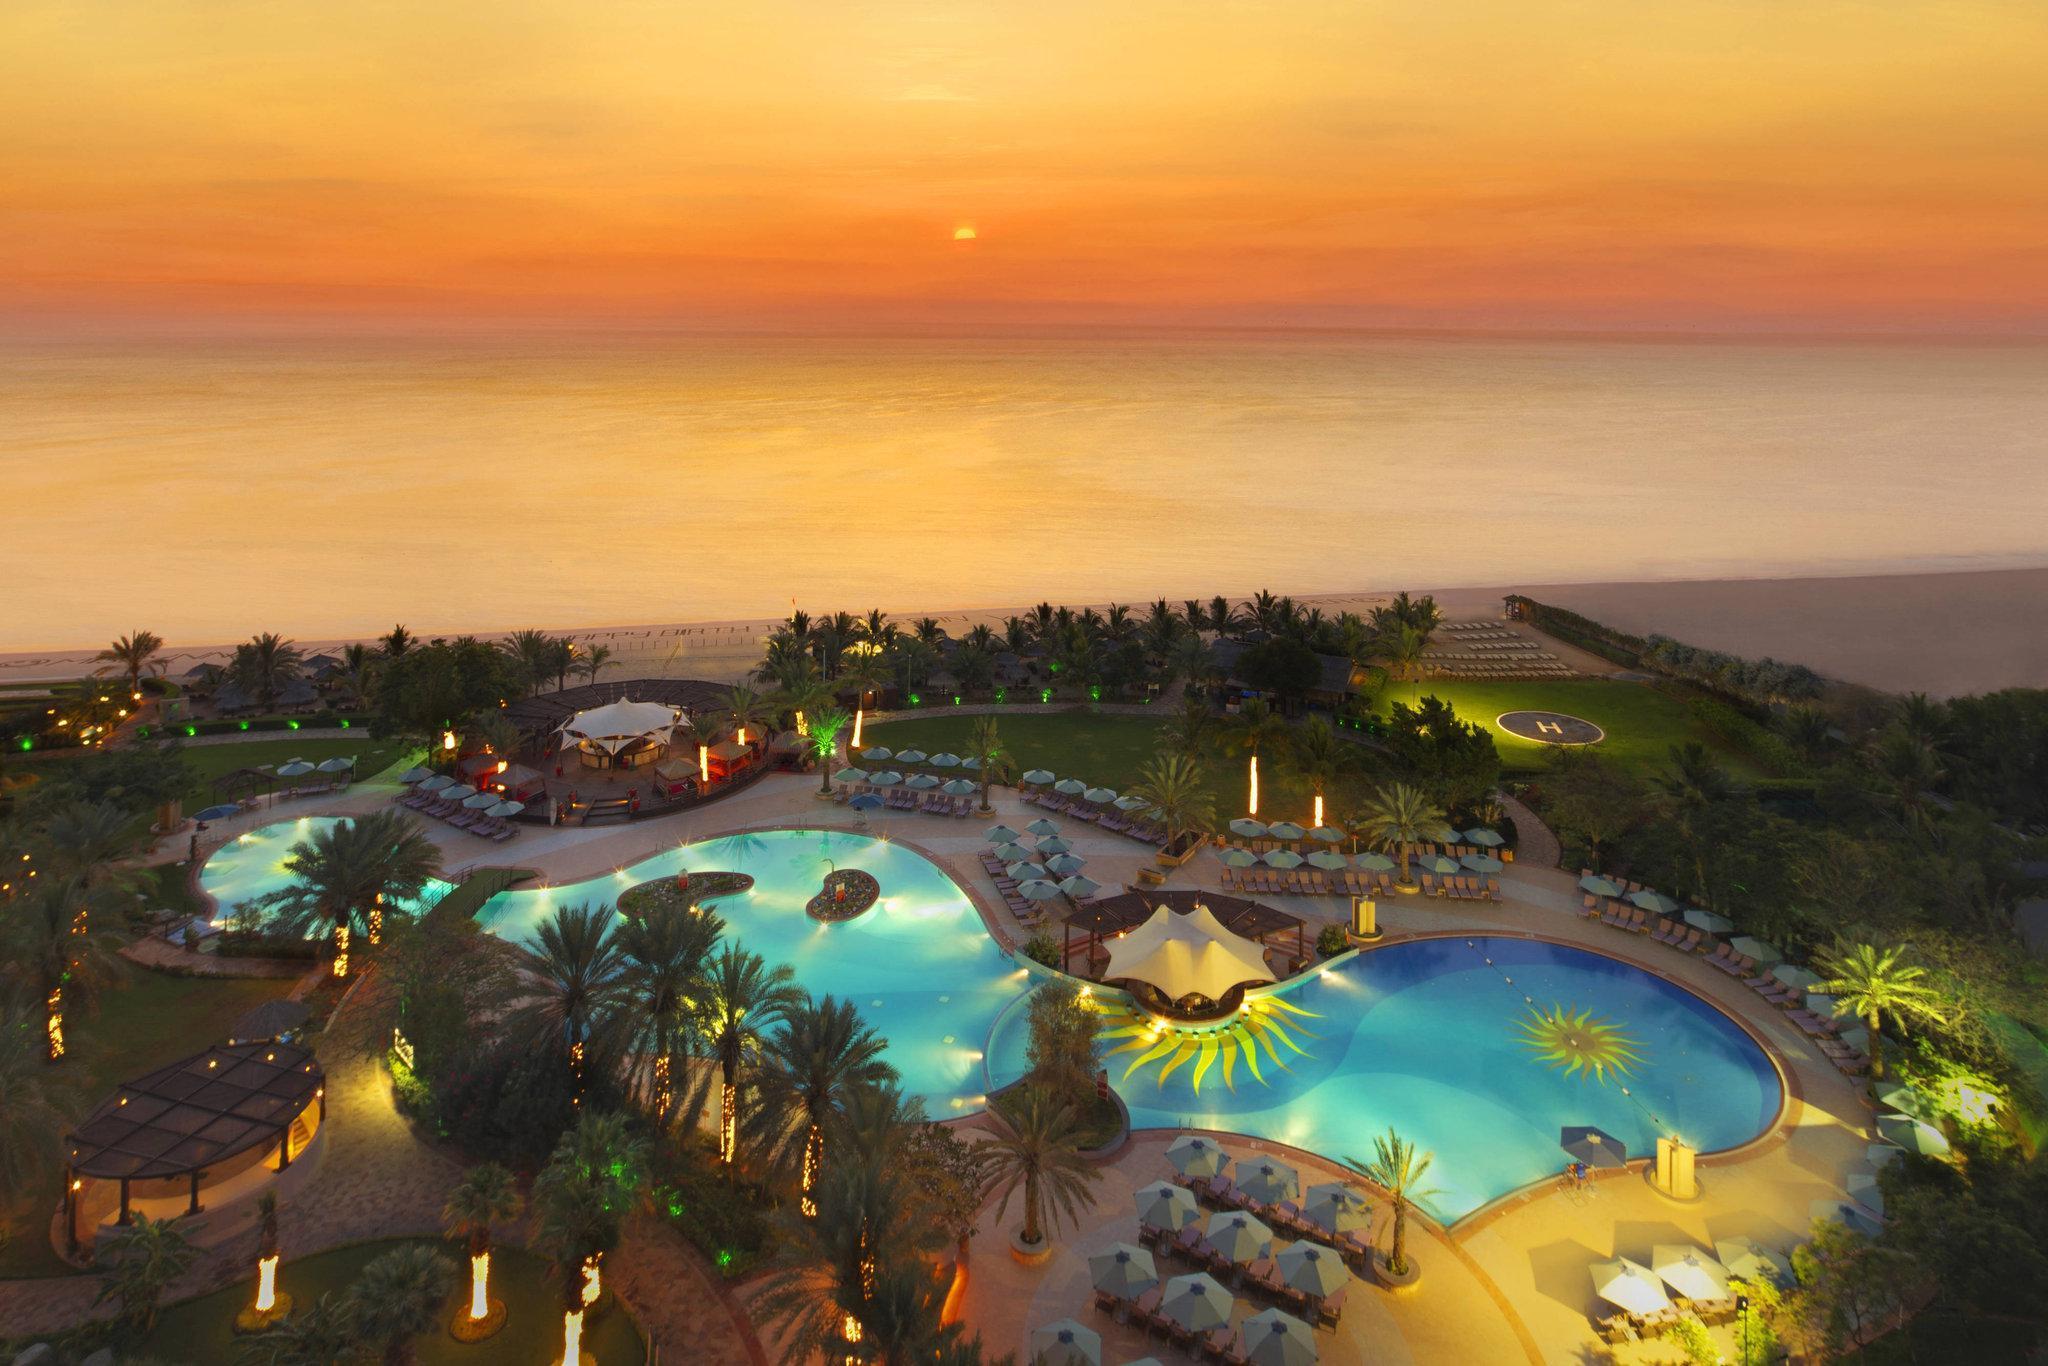 Le Mridien Al Aqah Beach Resort